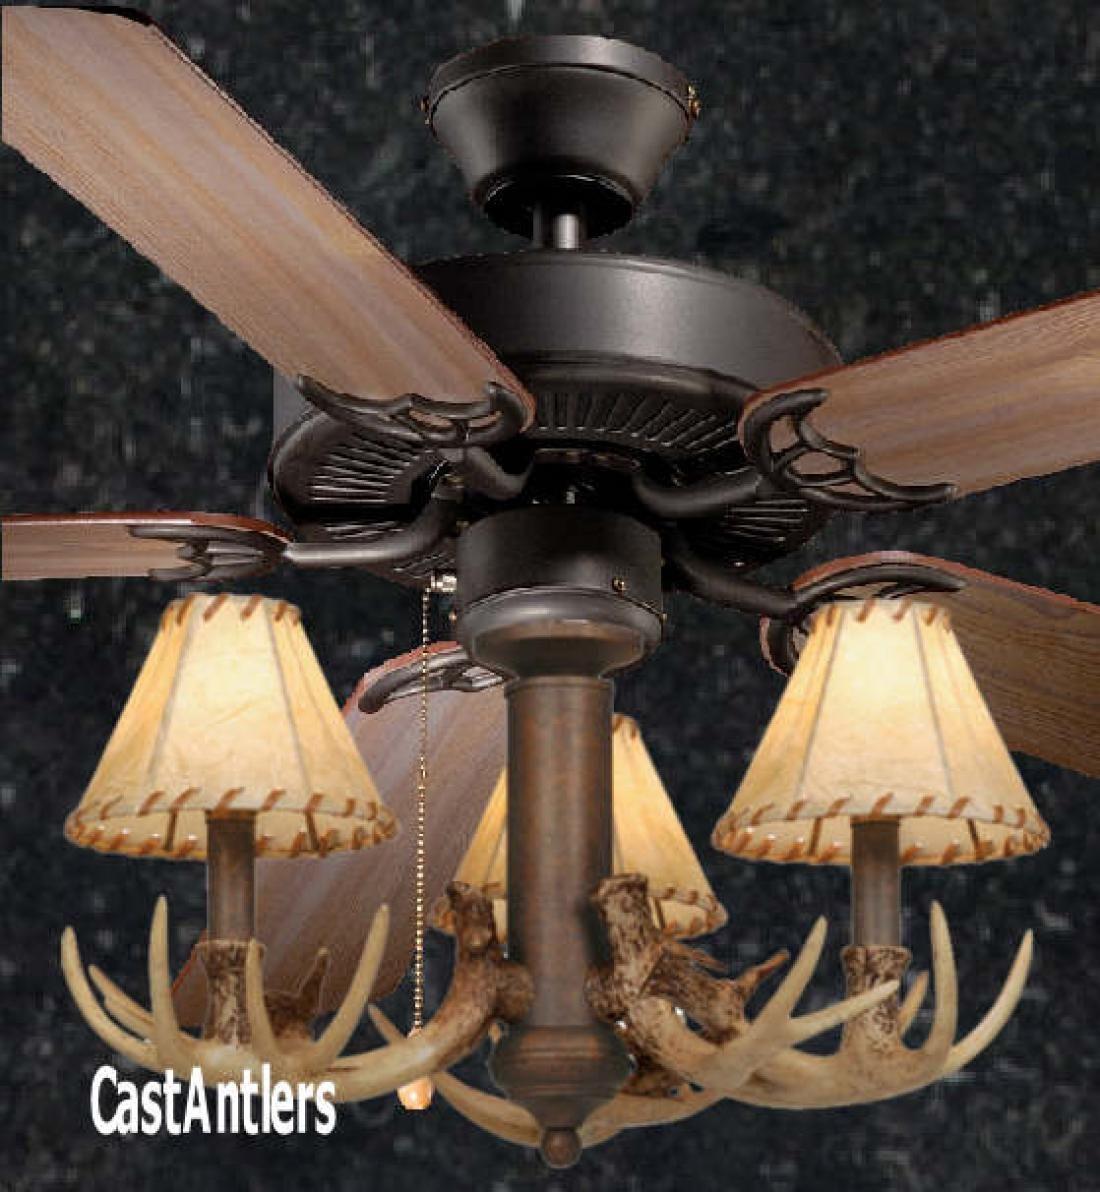 52 Rustic Ceiling Fan W Antler Light Kit Check W Norm Re Size On Down Rod Rustic Ceiling Fan Antler Lights Ceiling Fan